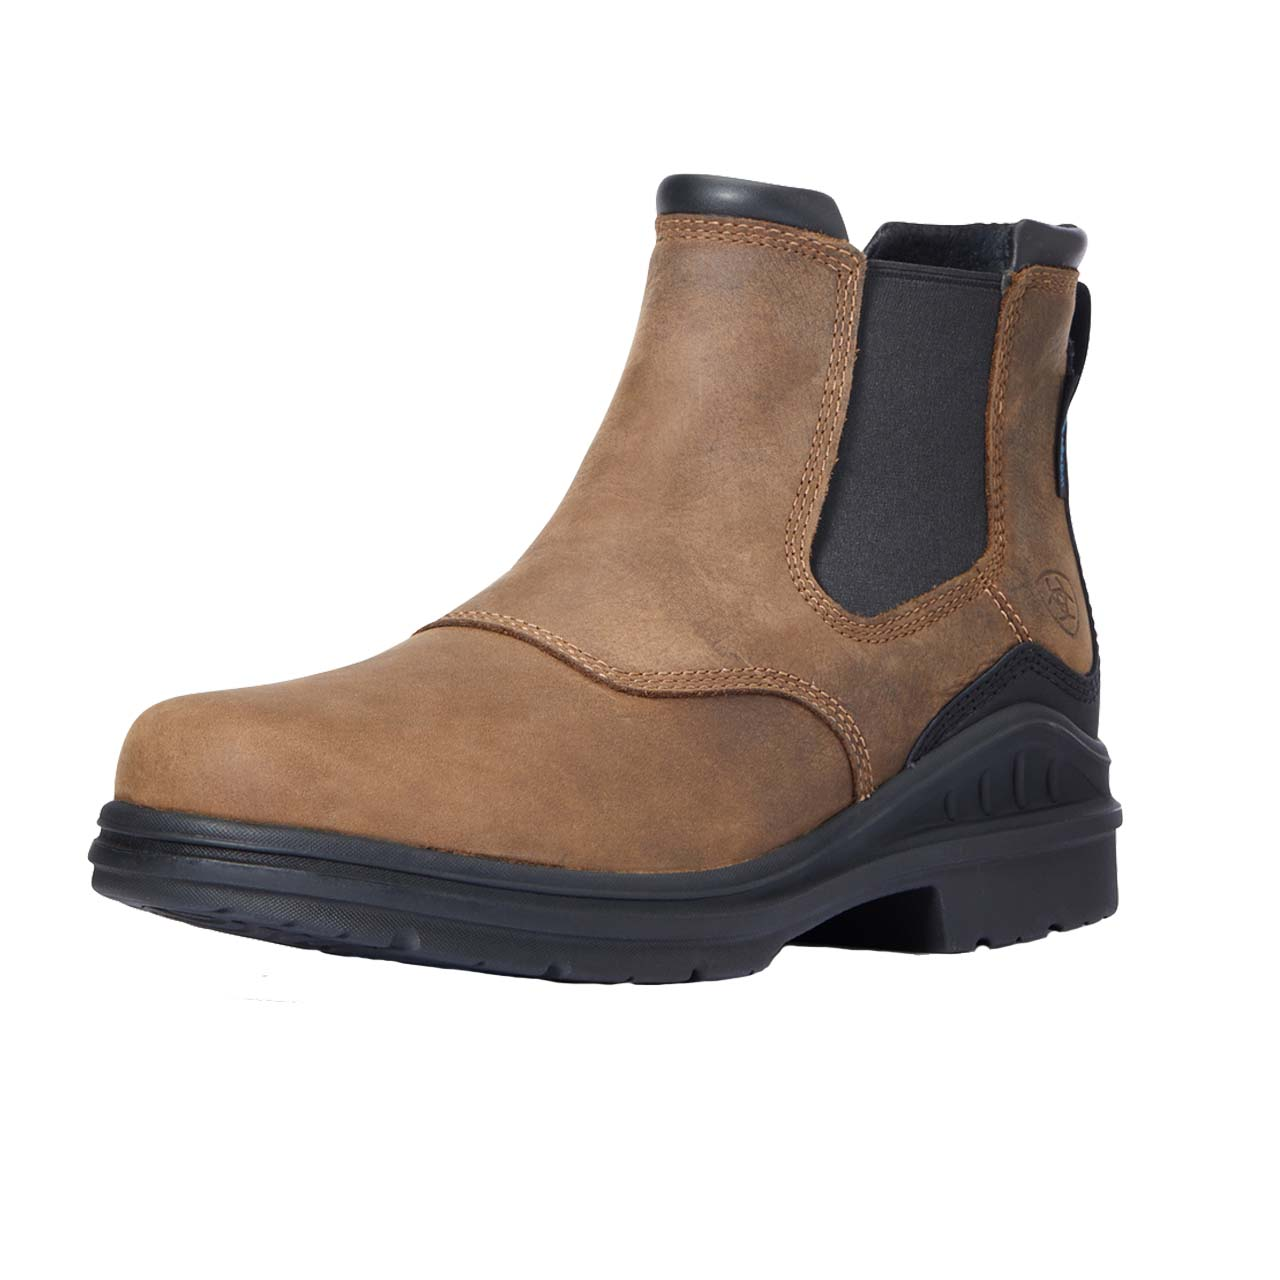 Ariat Barnyard Twin Gore II heren schoenen donkerbruin maat:42